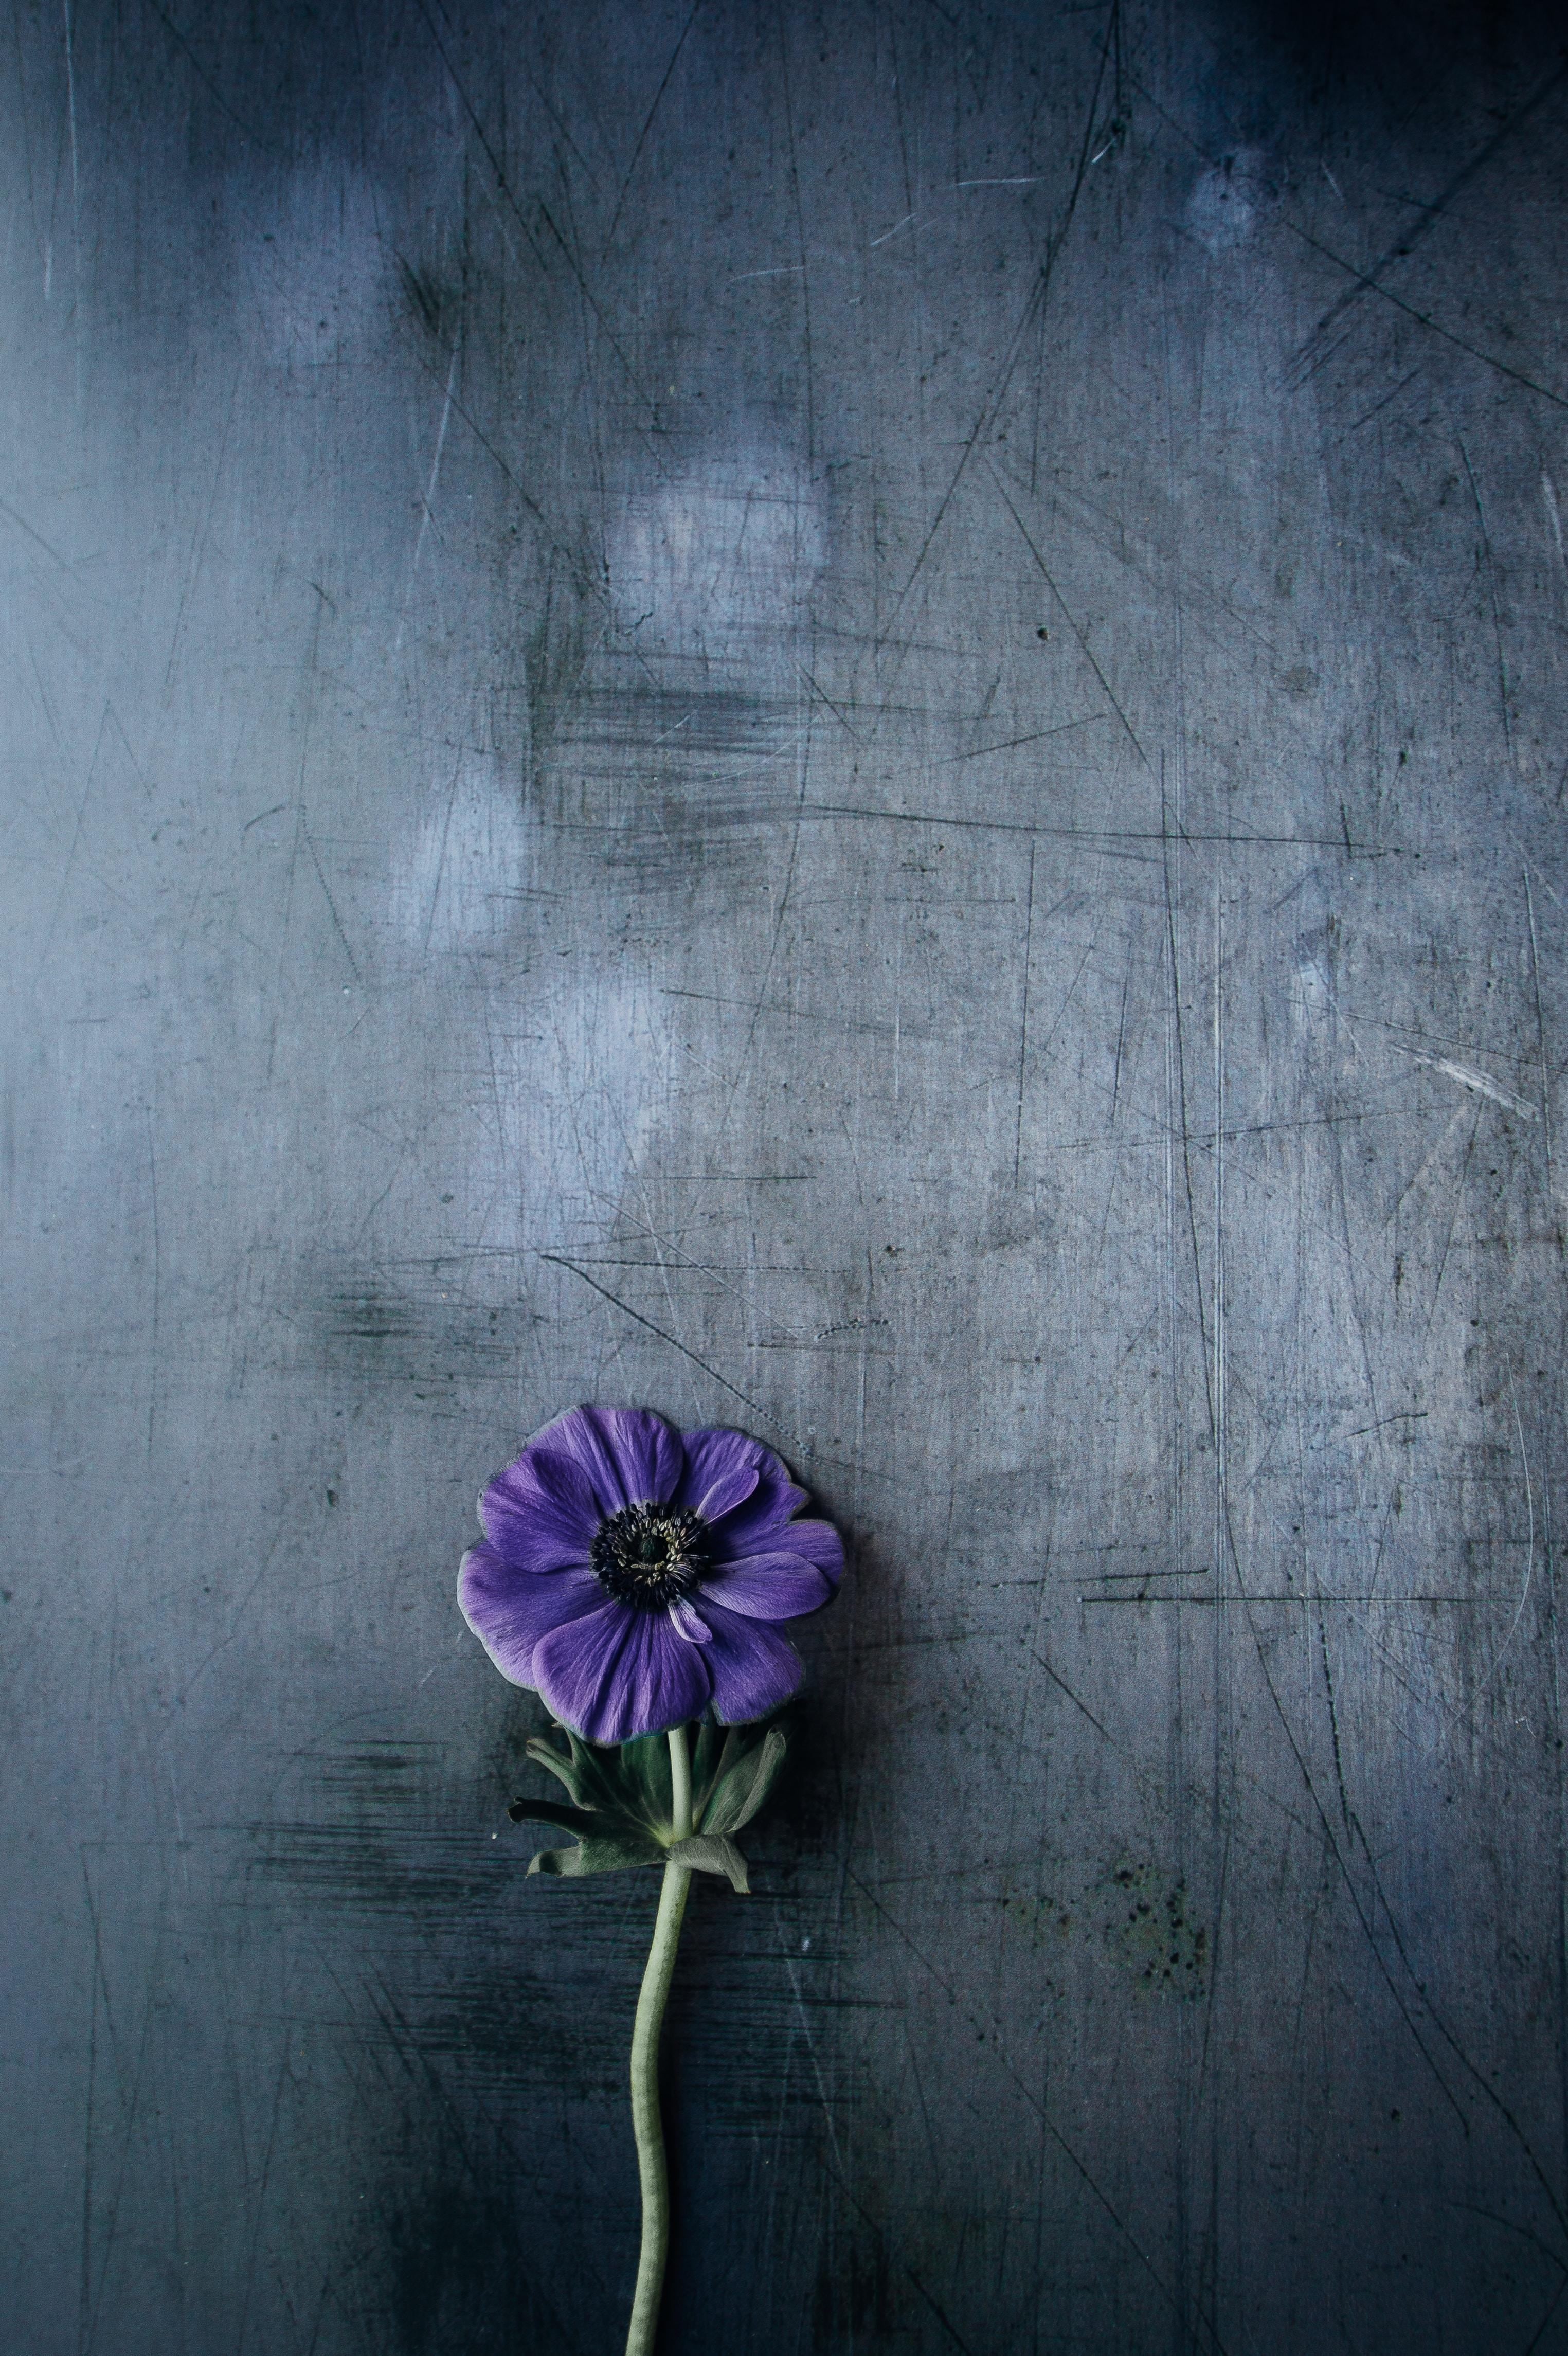 floral wallpaper photo by annie spratt   anniespratt  on